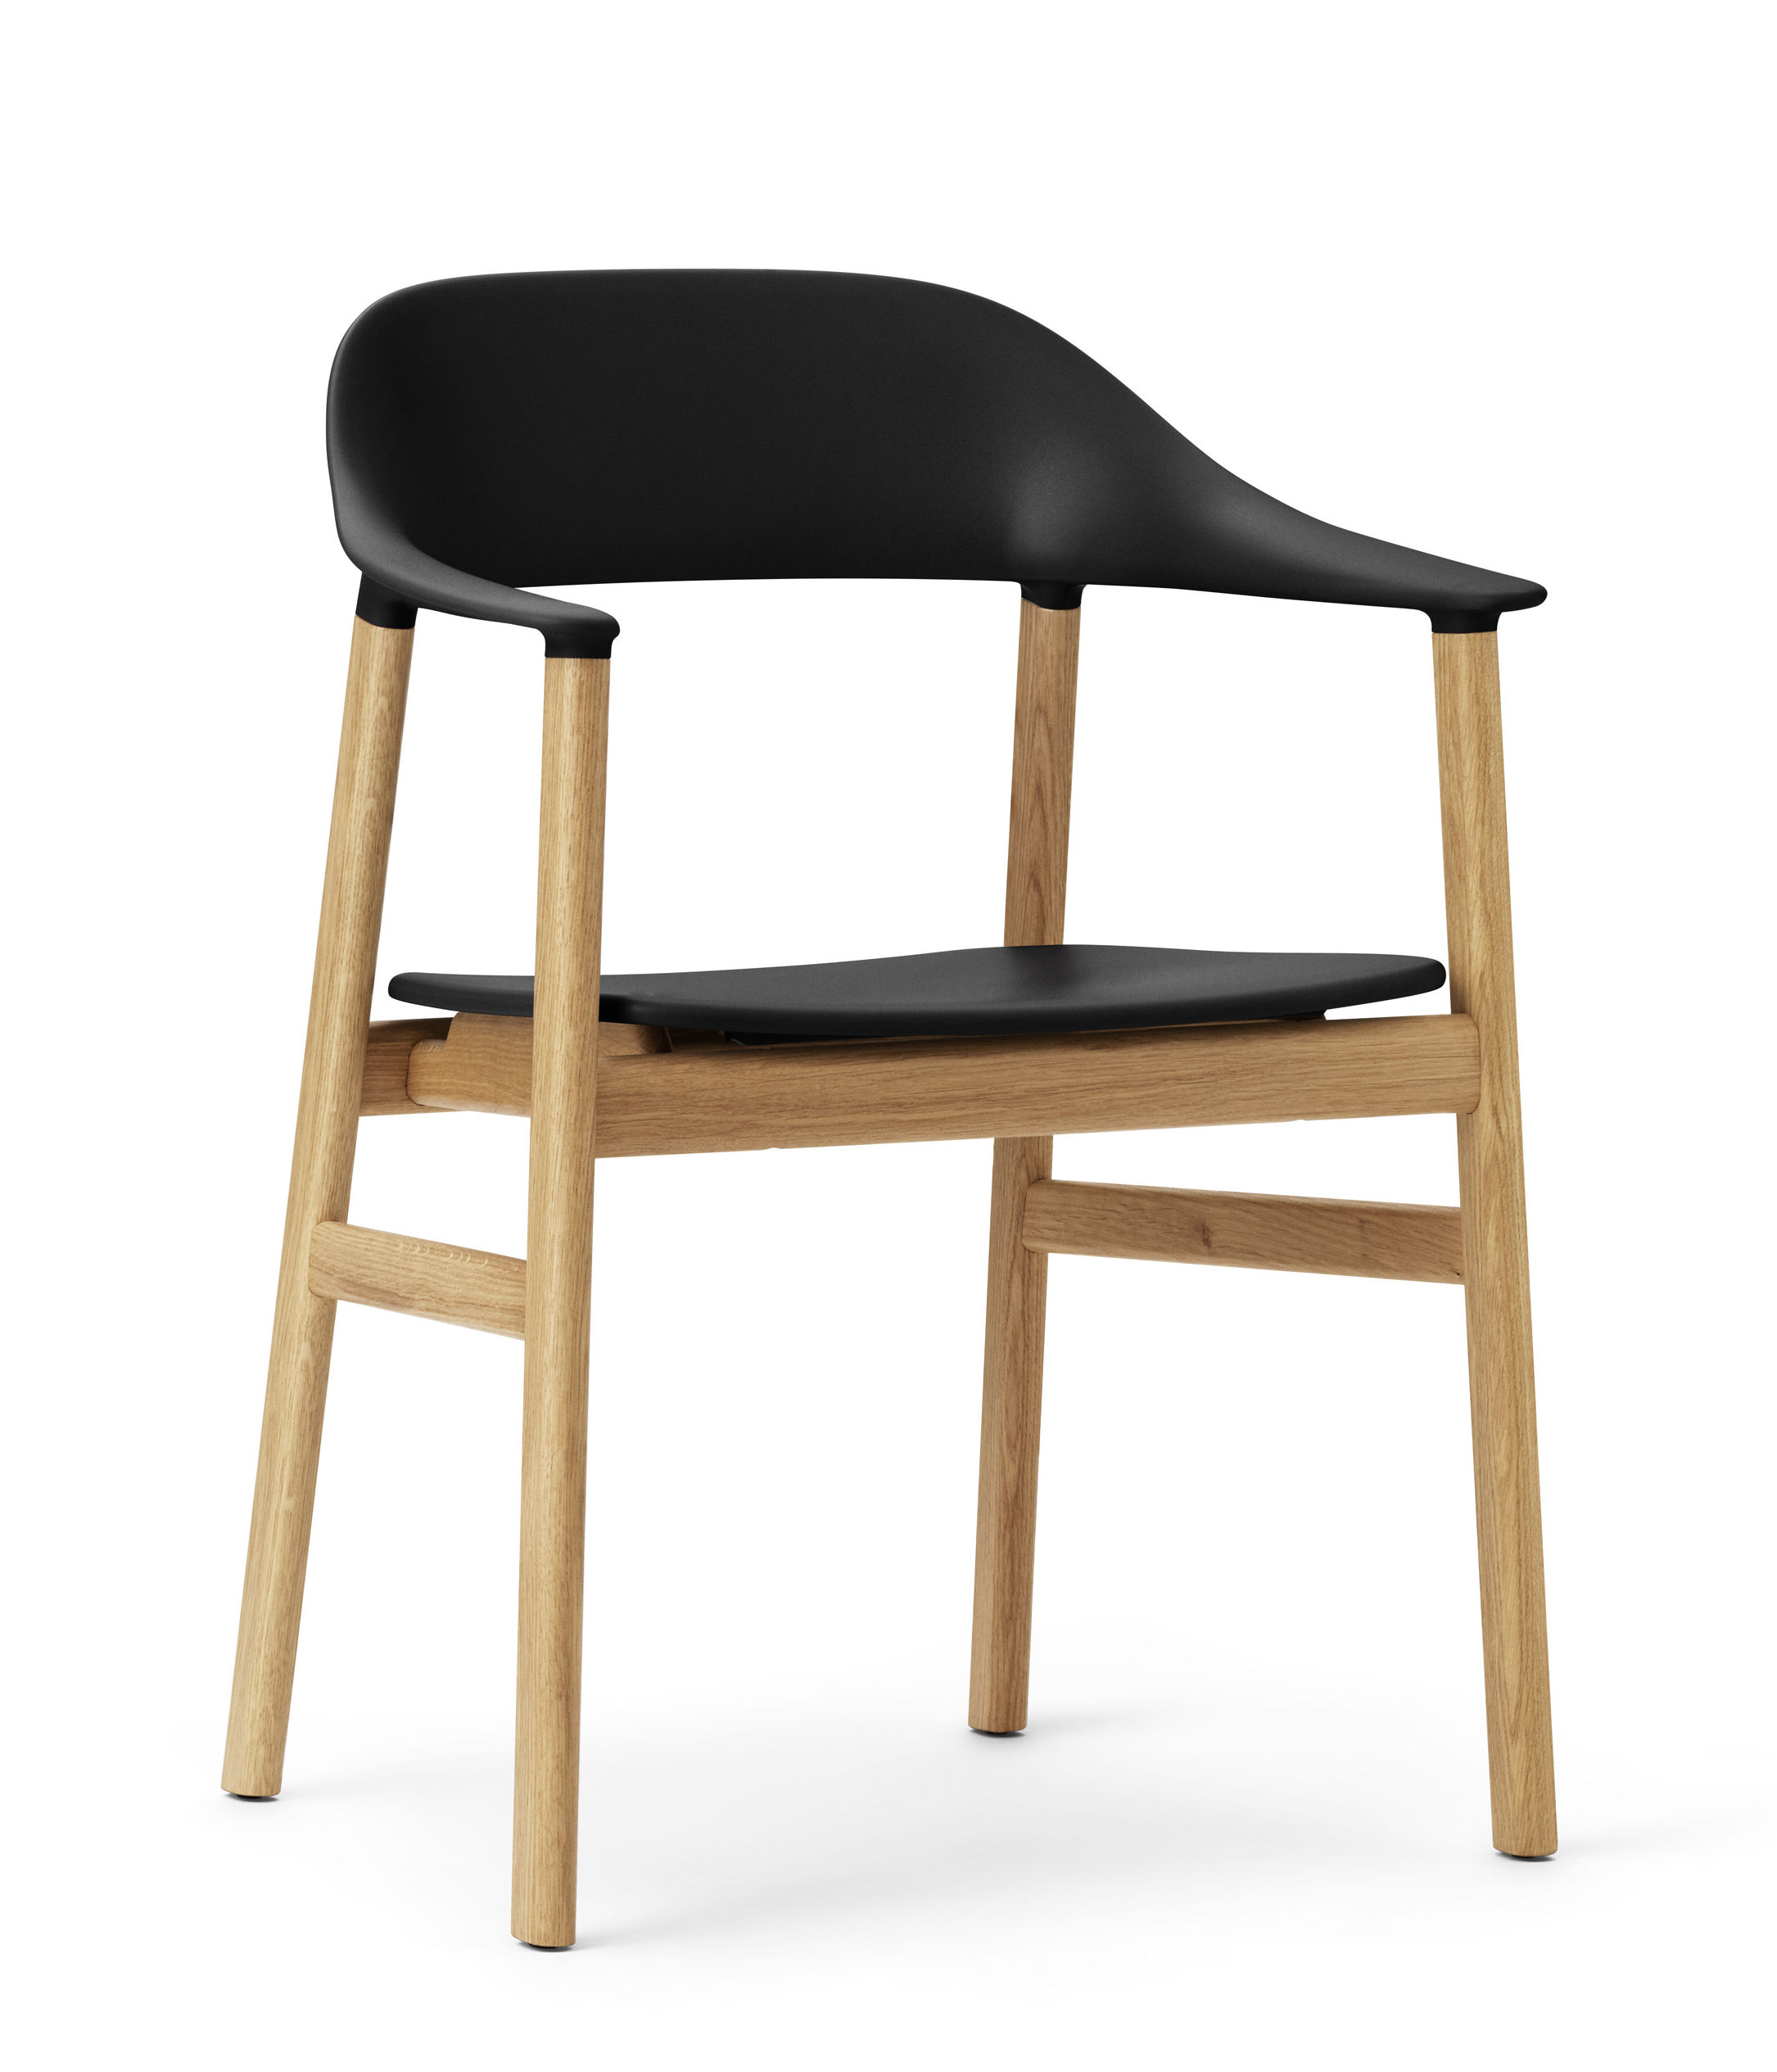 Möbel - Lounge Sessel - Herit Sessel / Stuhlbeine aus Eiche - Normann Copenhagen - Schwarz / Eiche - Eiche, Polypropylen